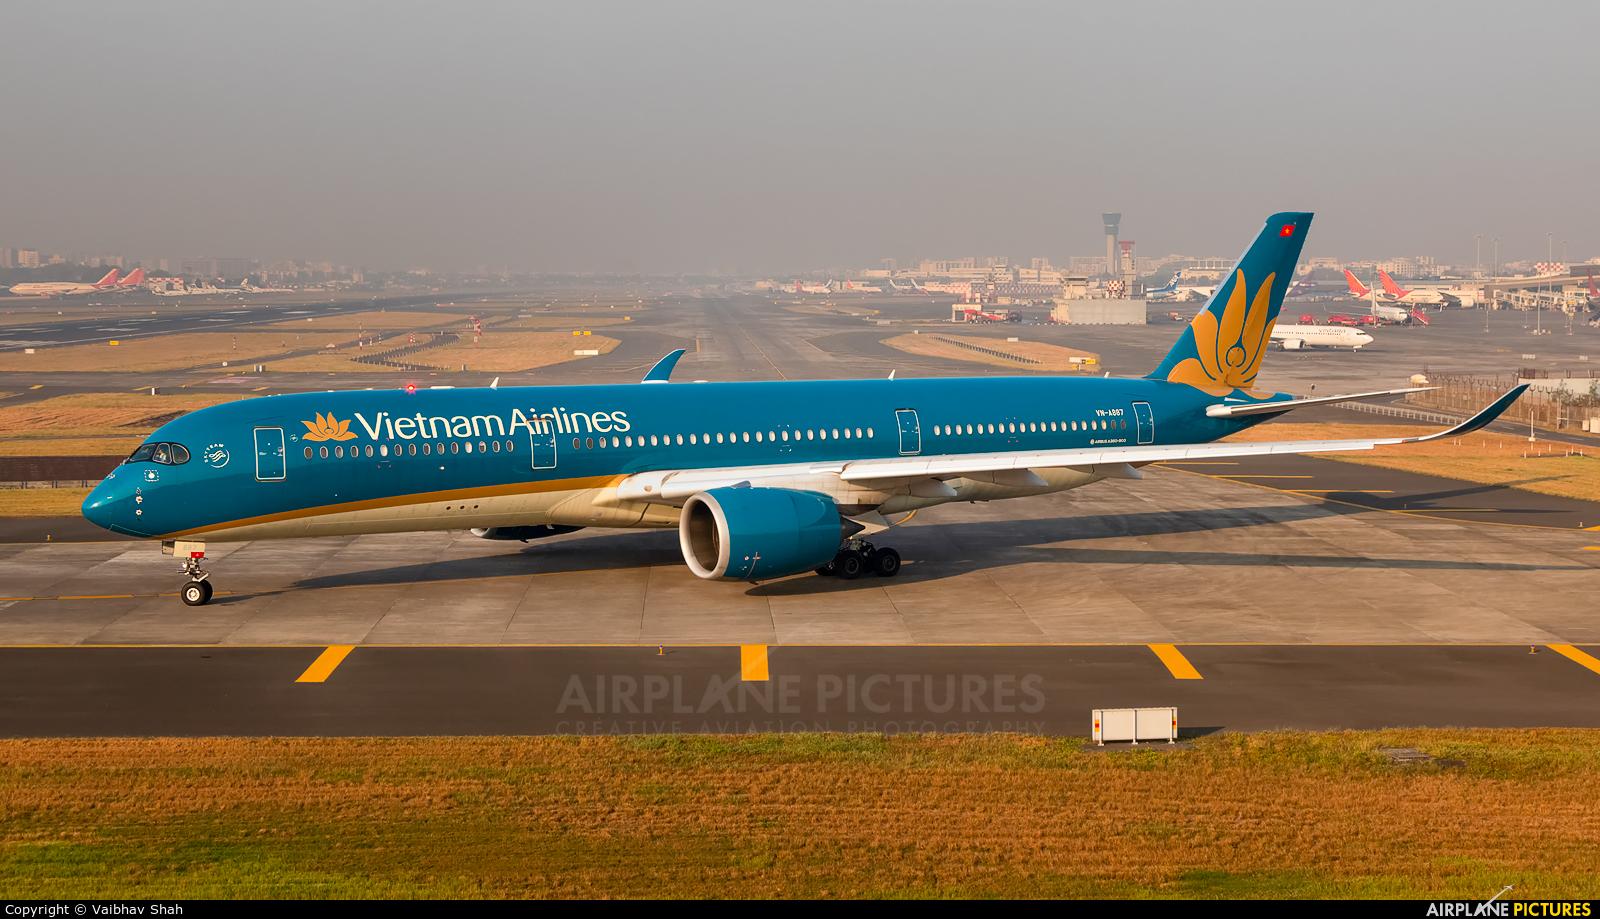 Vietnam Airlines VN-A887 aircraft at Mumbai - Chhatrapati Shivaji Intl